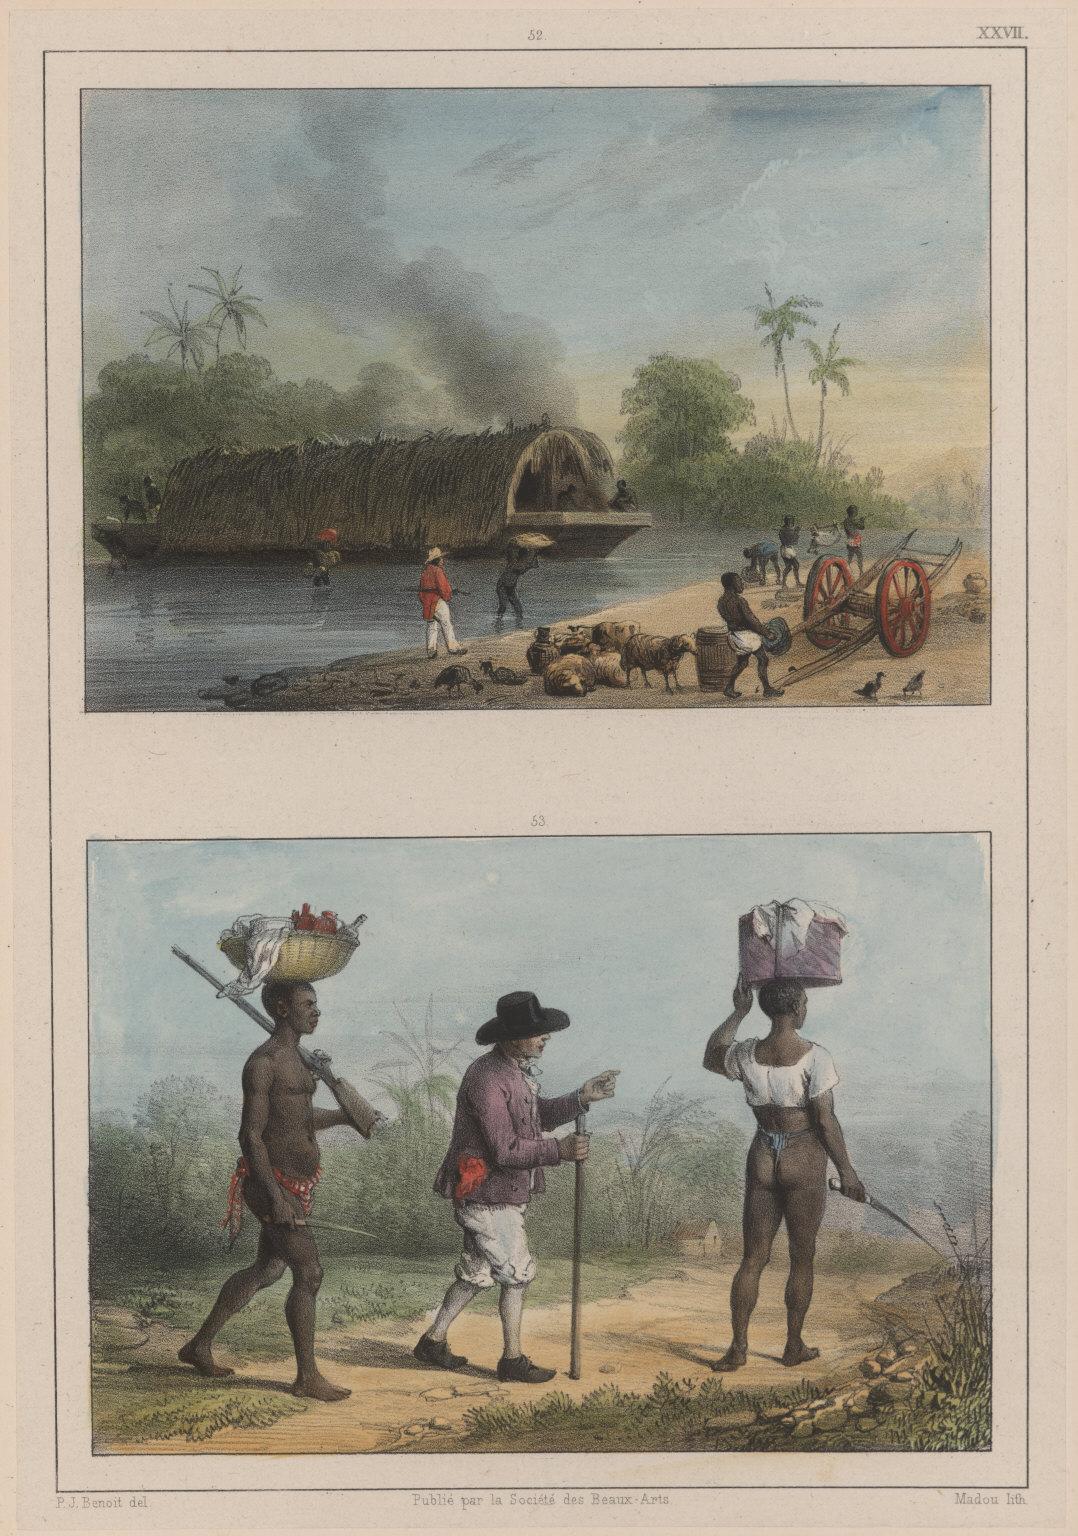 52. Pont, ou embarcation. 53. Planteurs se rendant à une plantation voisine.